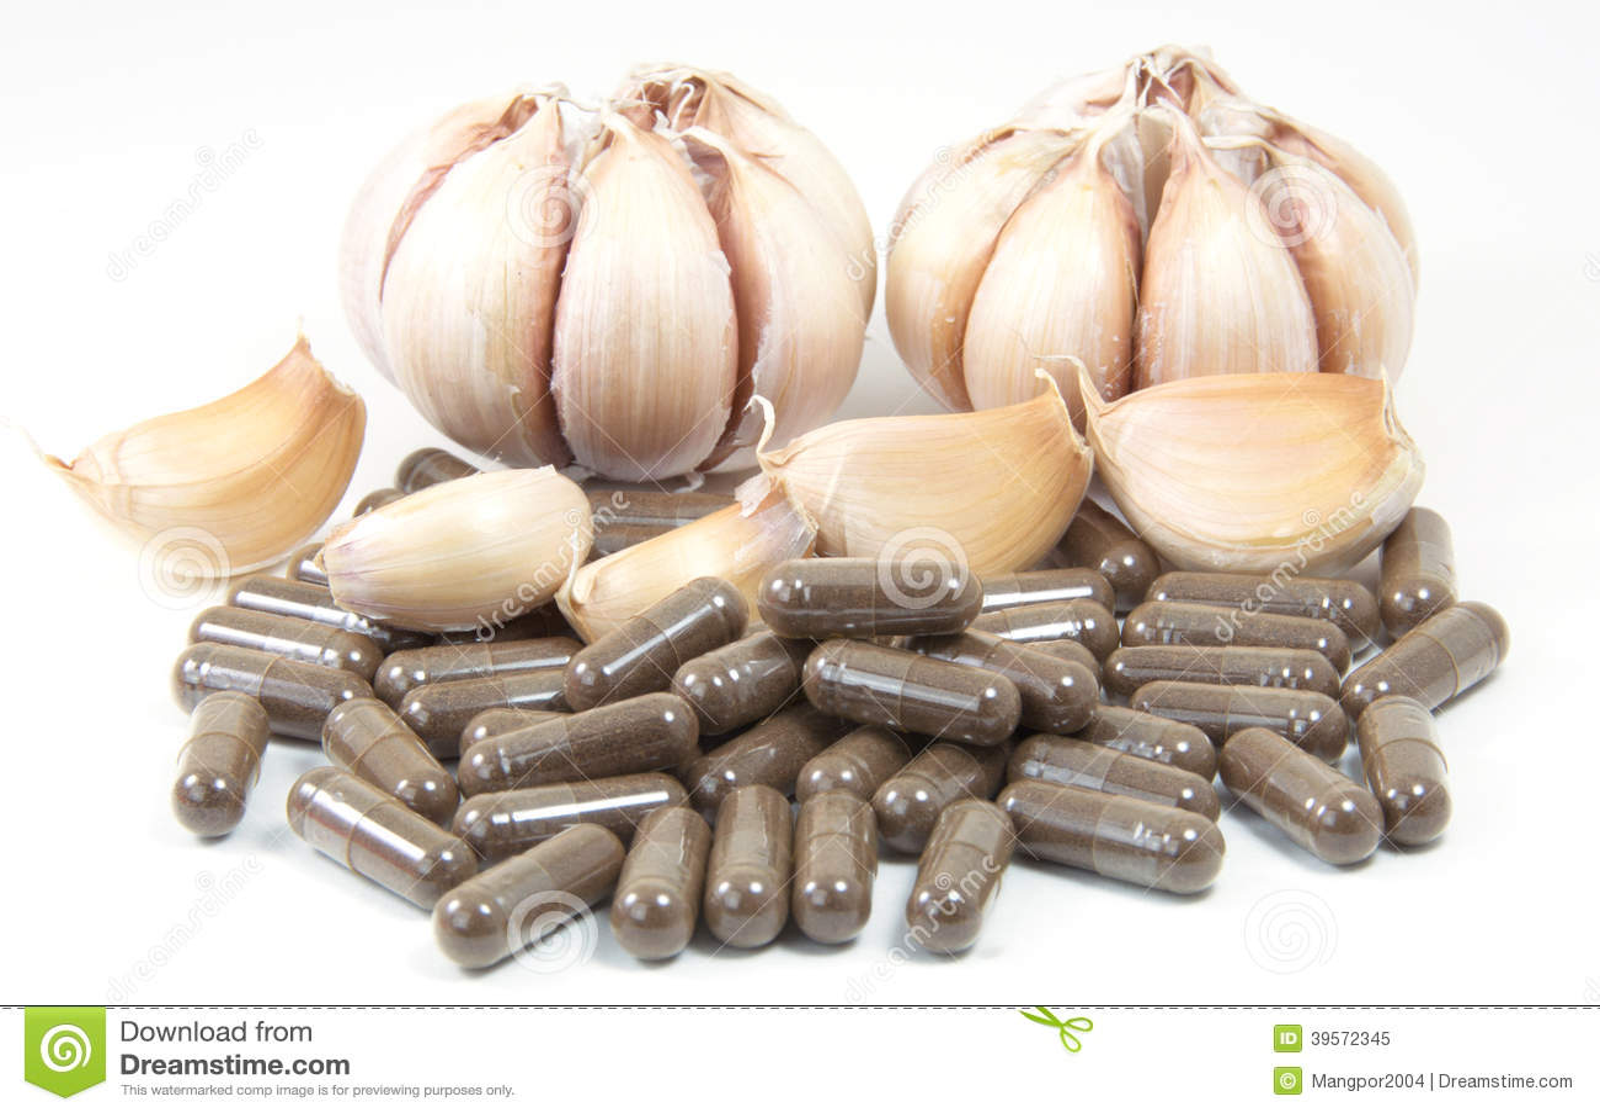 Växt- kapslar för vitlök, muntlig medicin, alternativ medicin som isoleras på vit bakgrund.